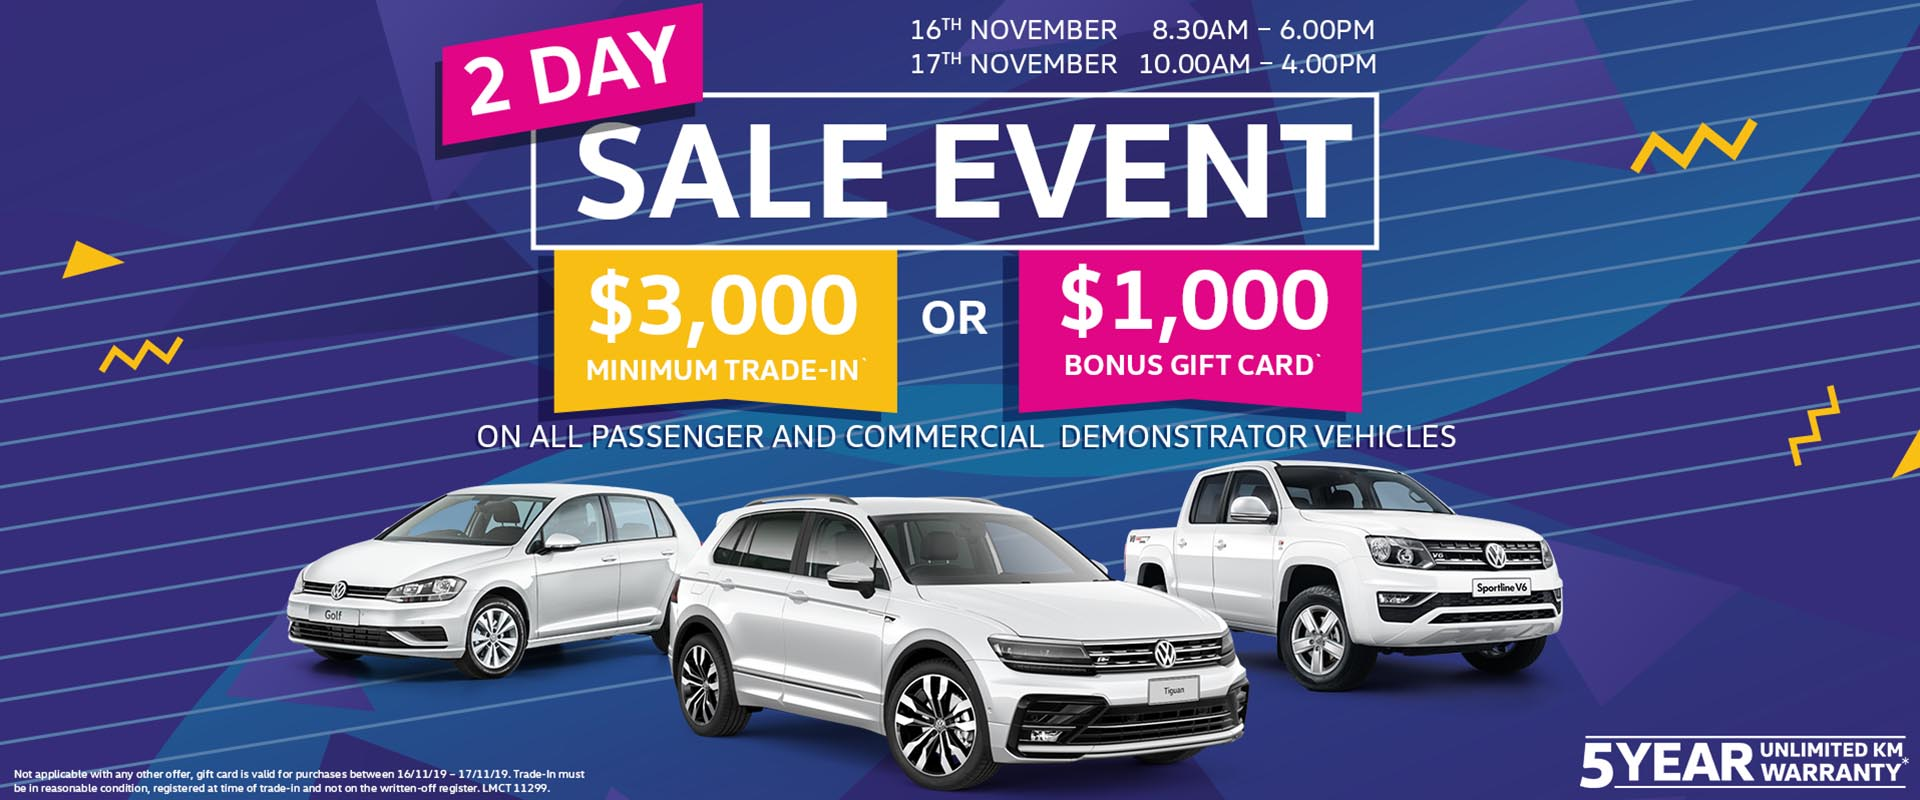 Ferntree Gully Volkswagen 2 Day Sale Event